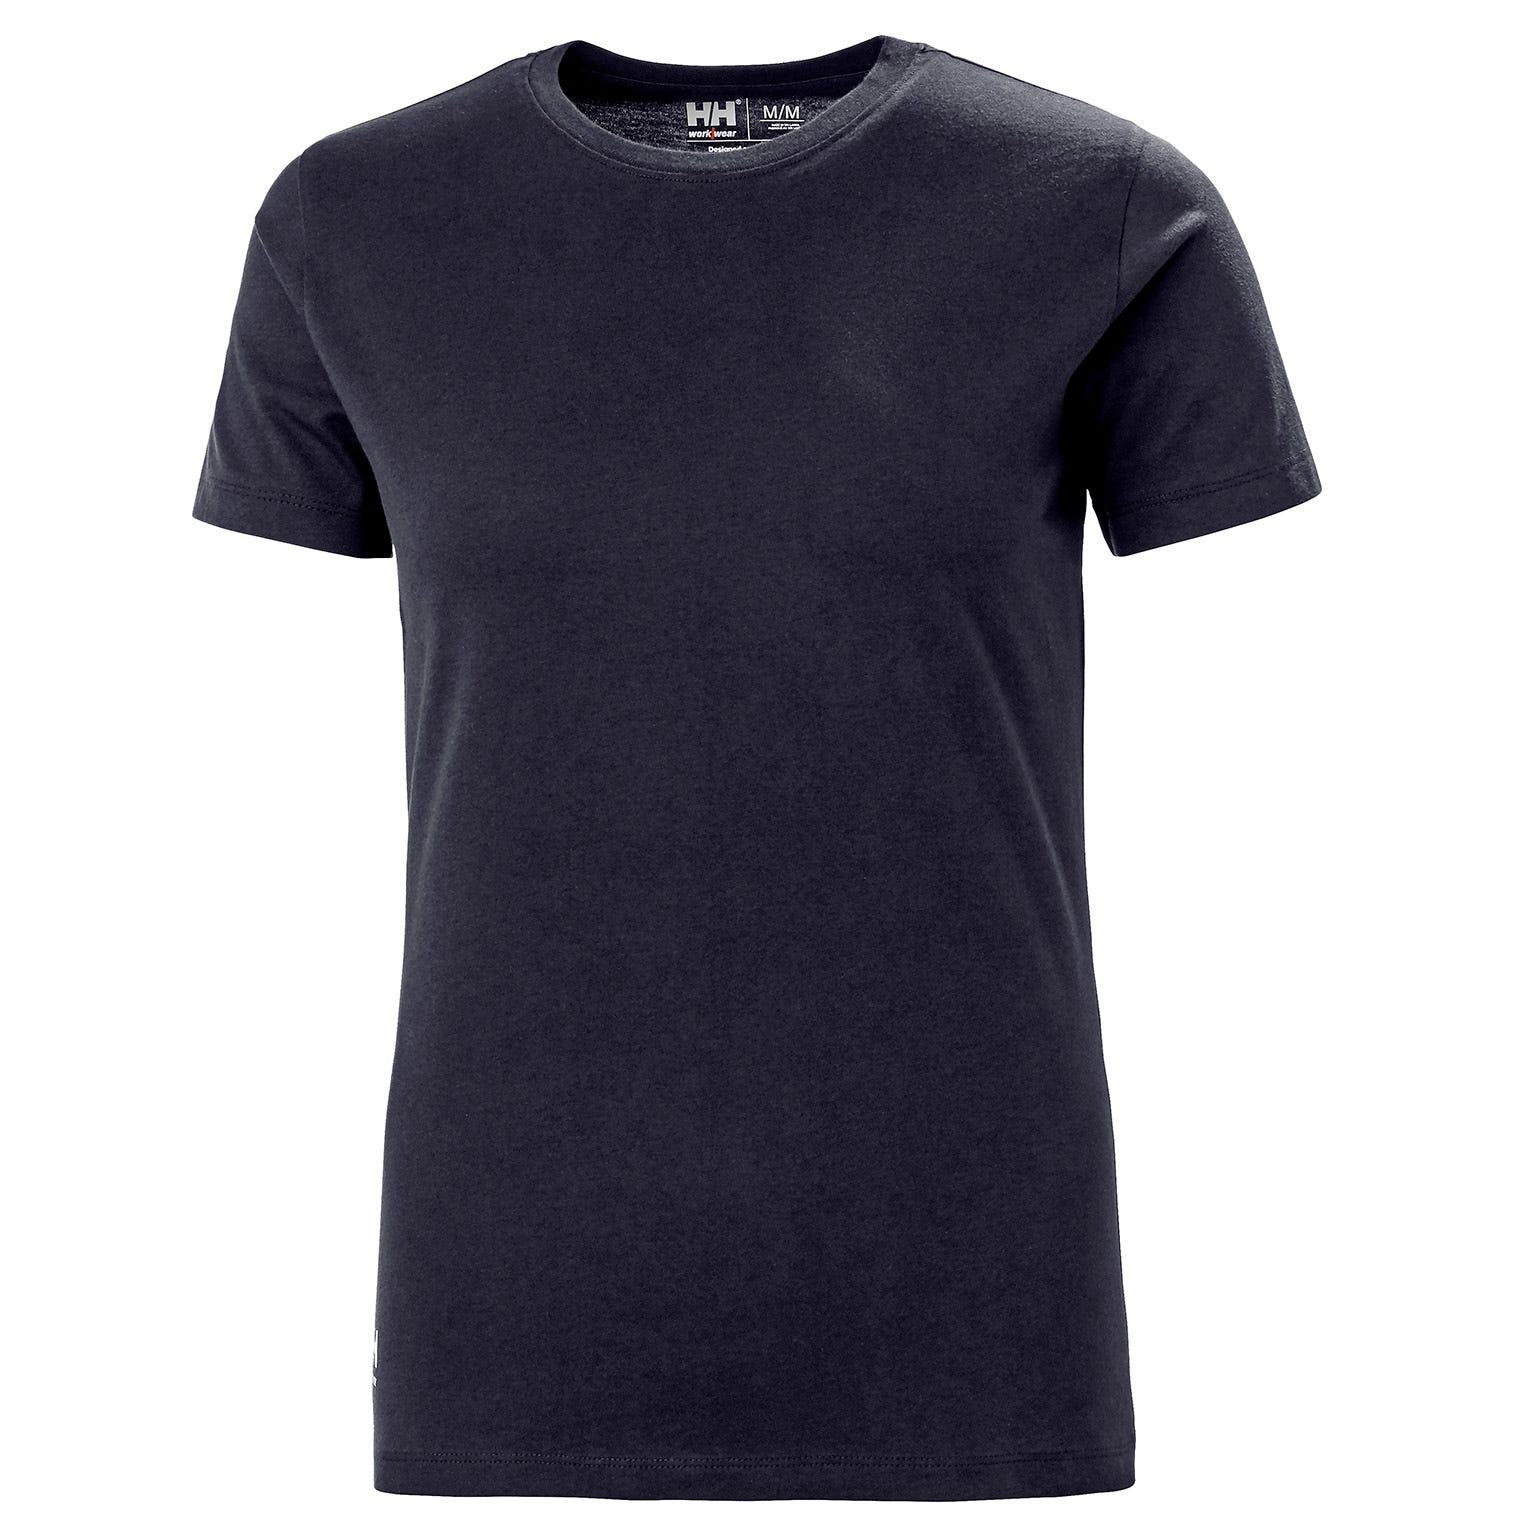 HH Workwear Helly Hansen WorkwearWomen's Manchester Cotton T-Shirt Navy M